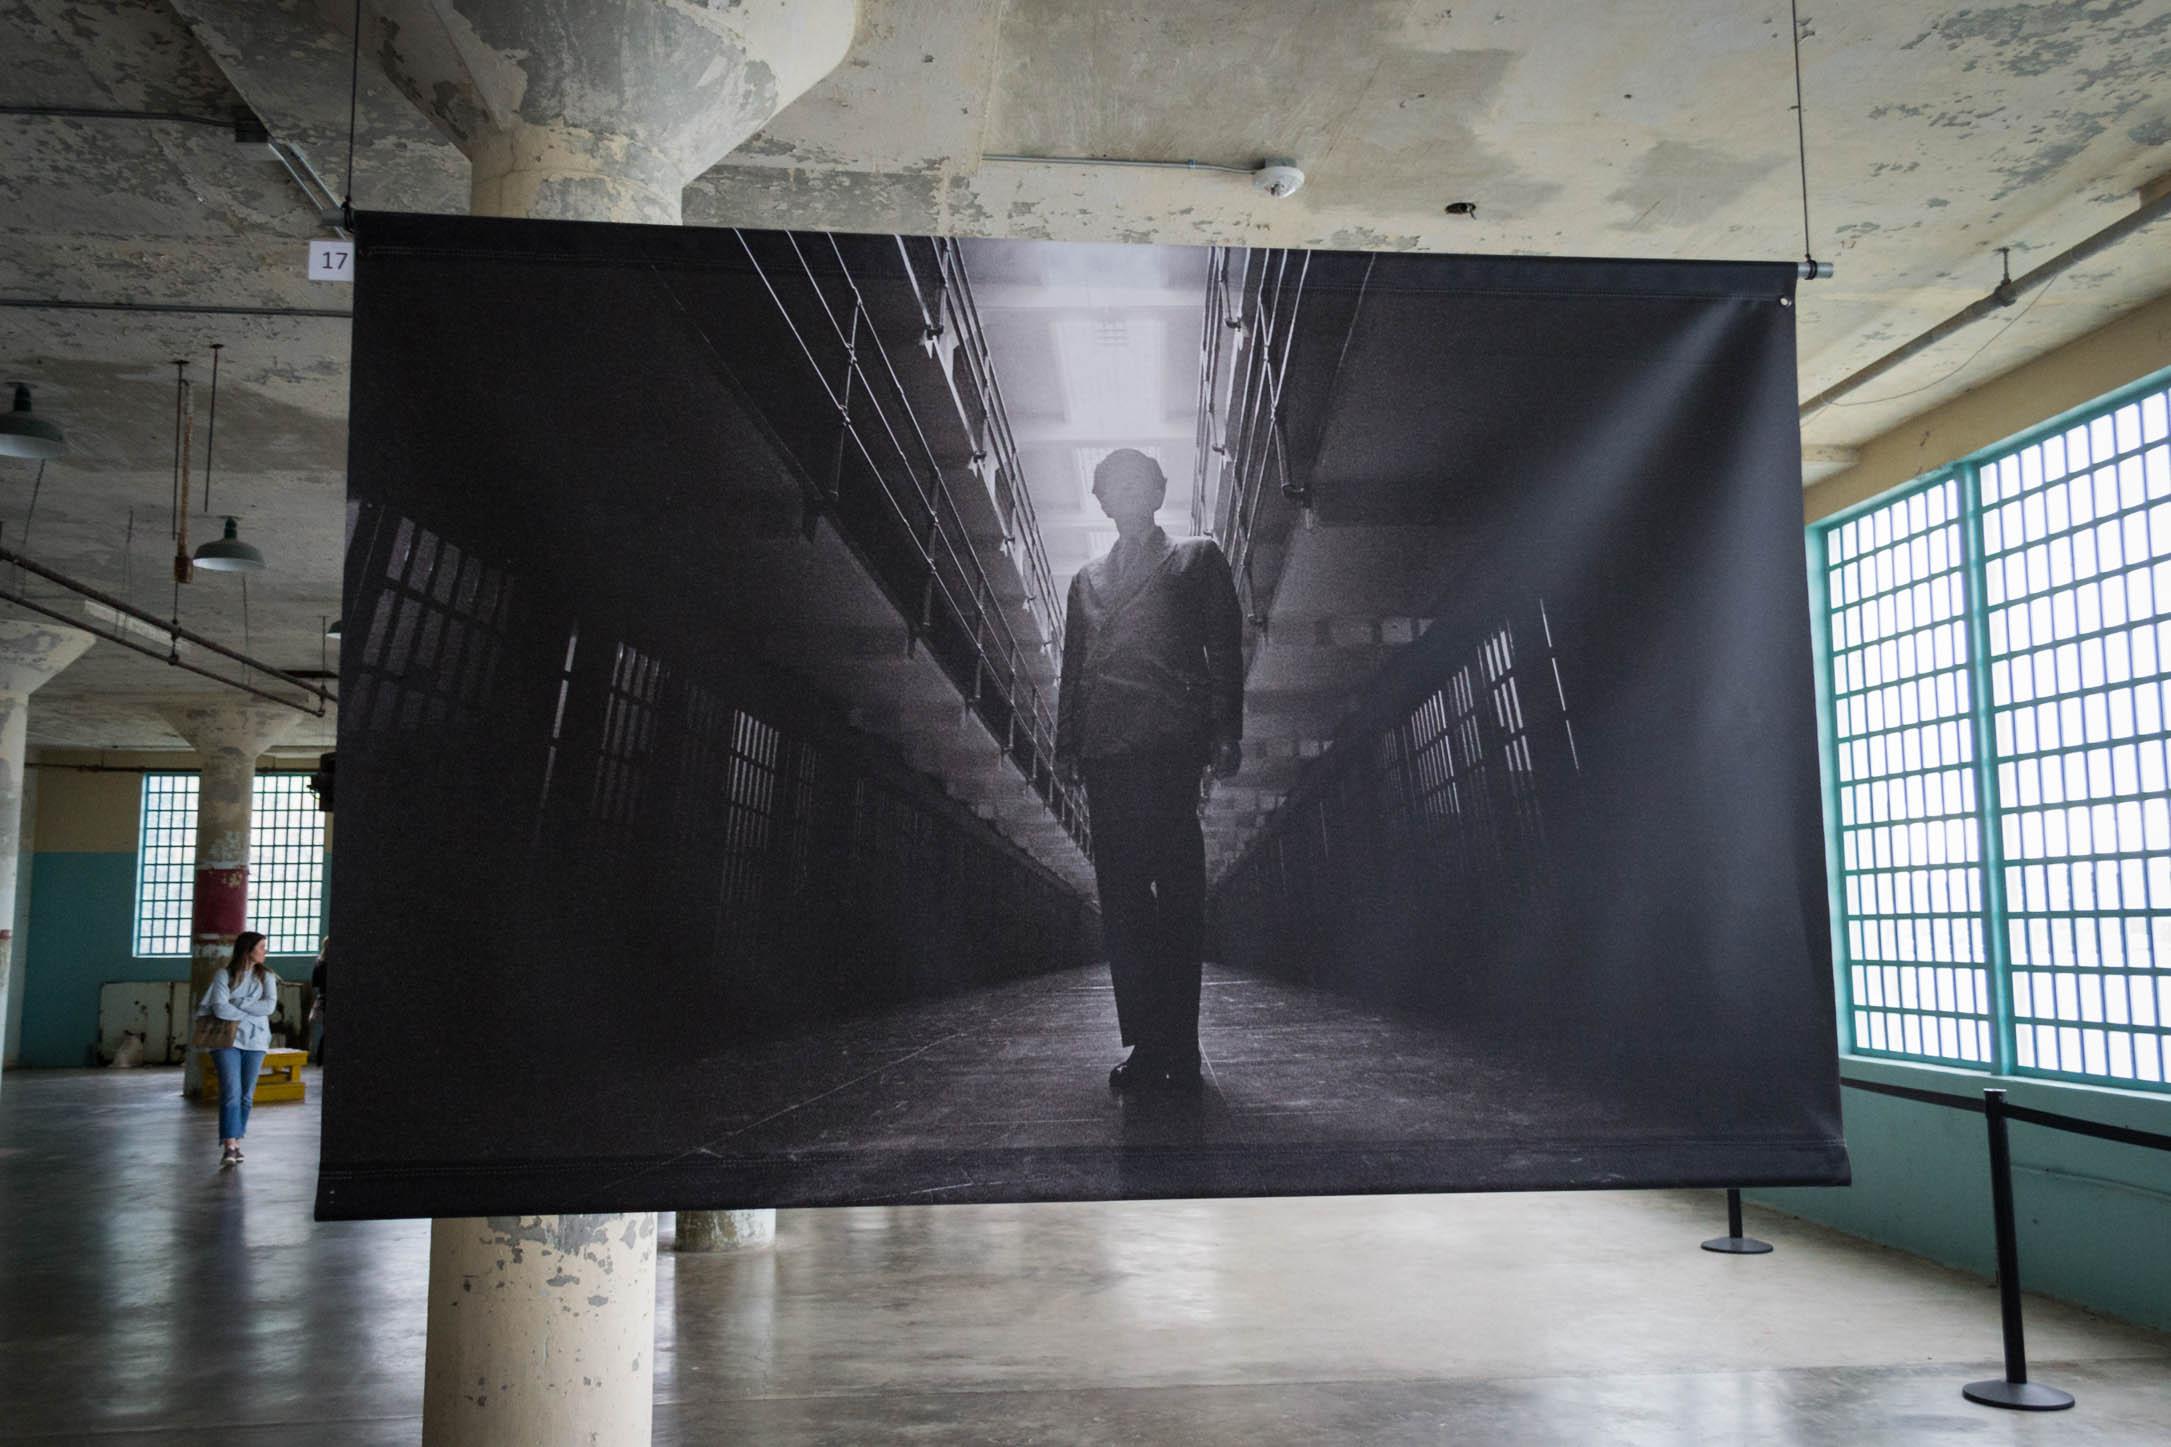 Le bâtiment des travaux réalisés par les détenus contient maintenant de grandes toiles magnifiques.